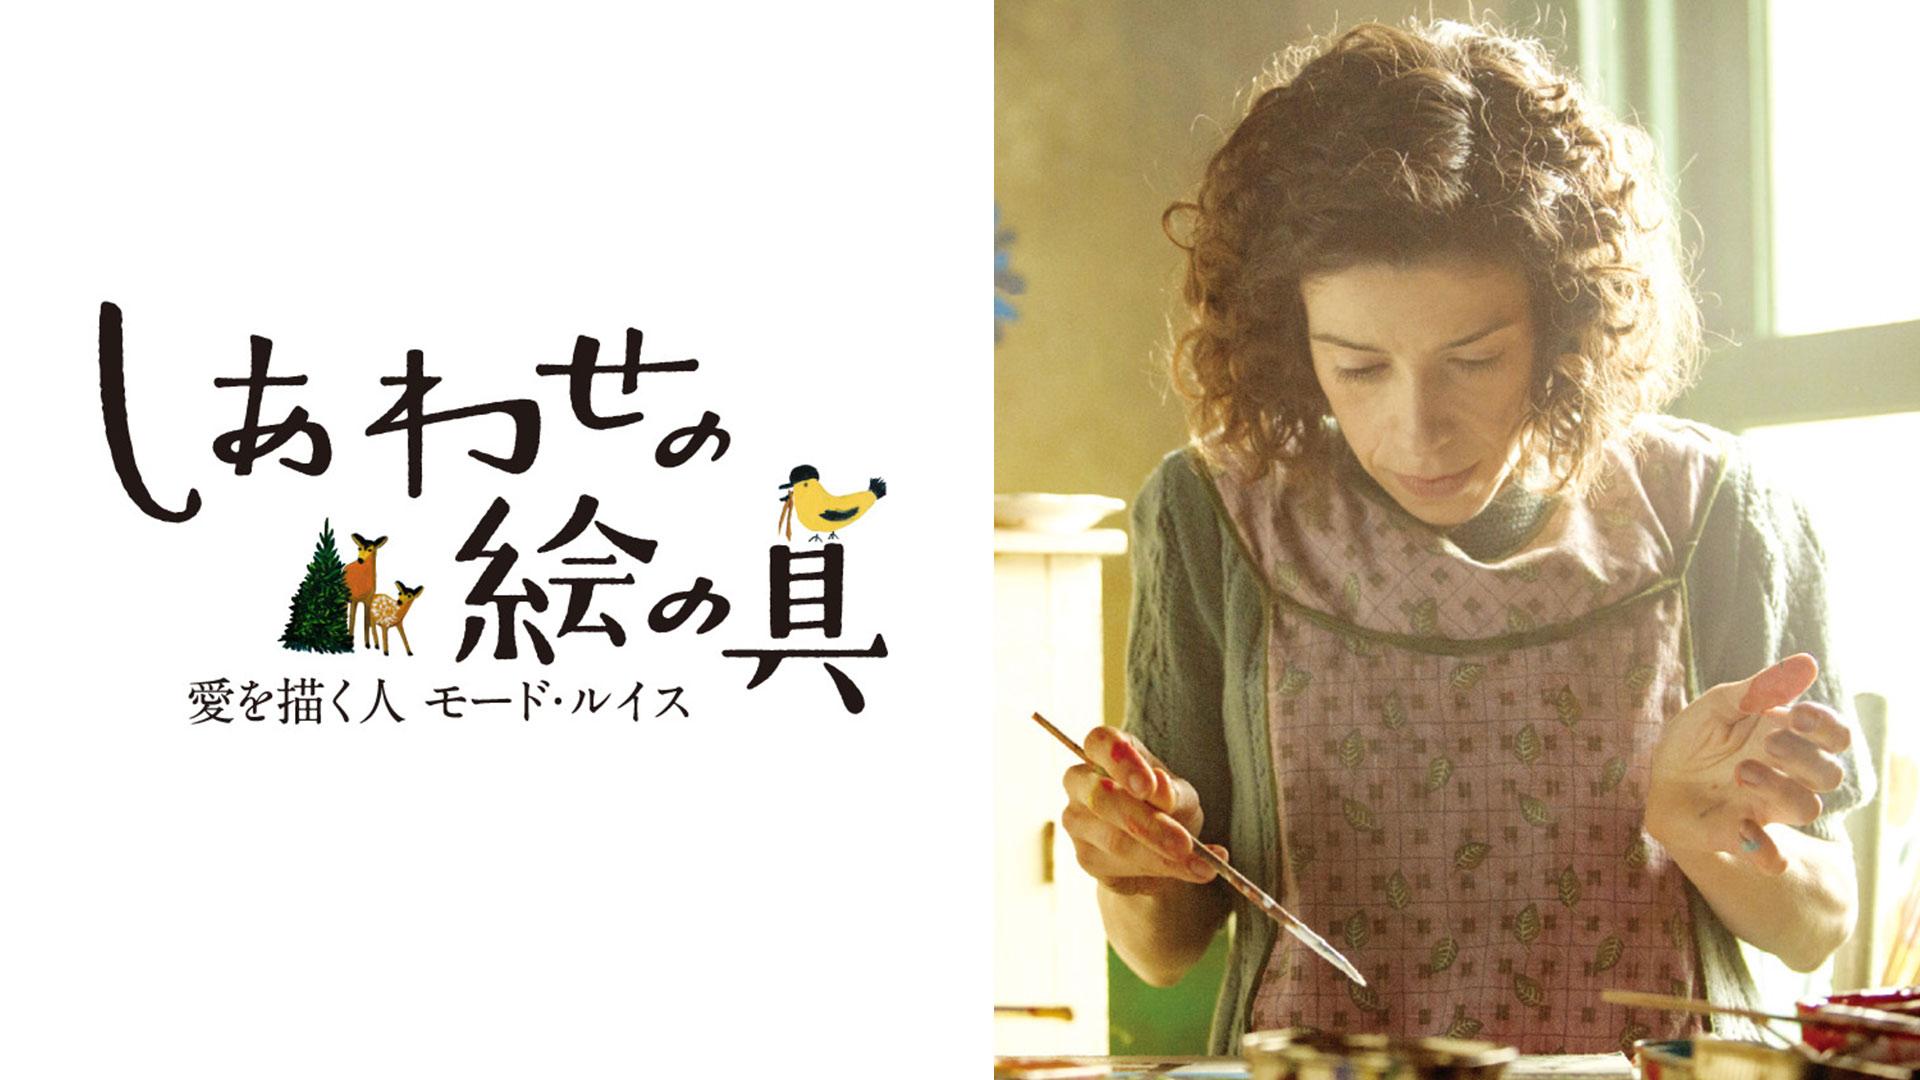 しあわせの絵の具 愛を描く人 モード・ルイス(字幕版)